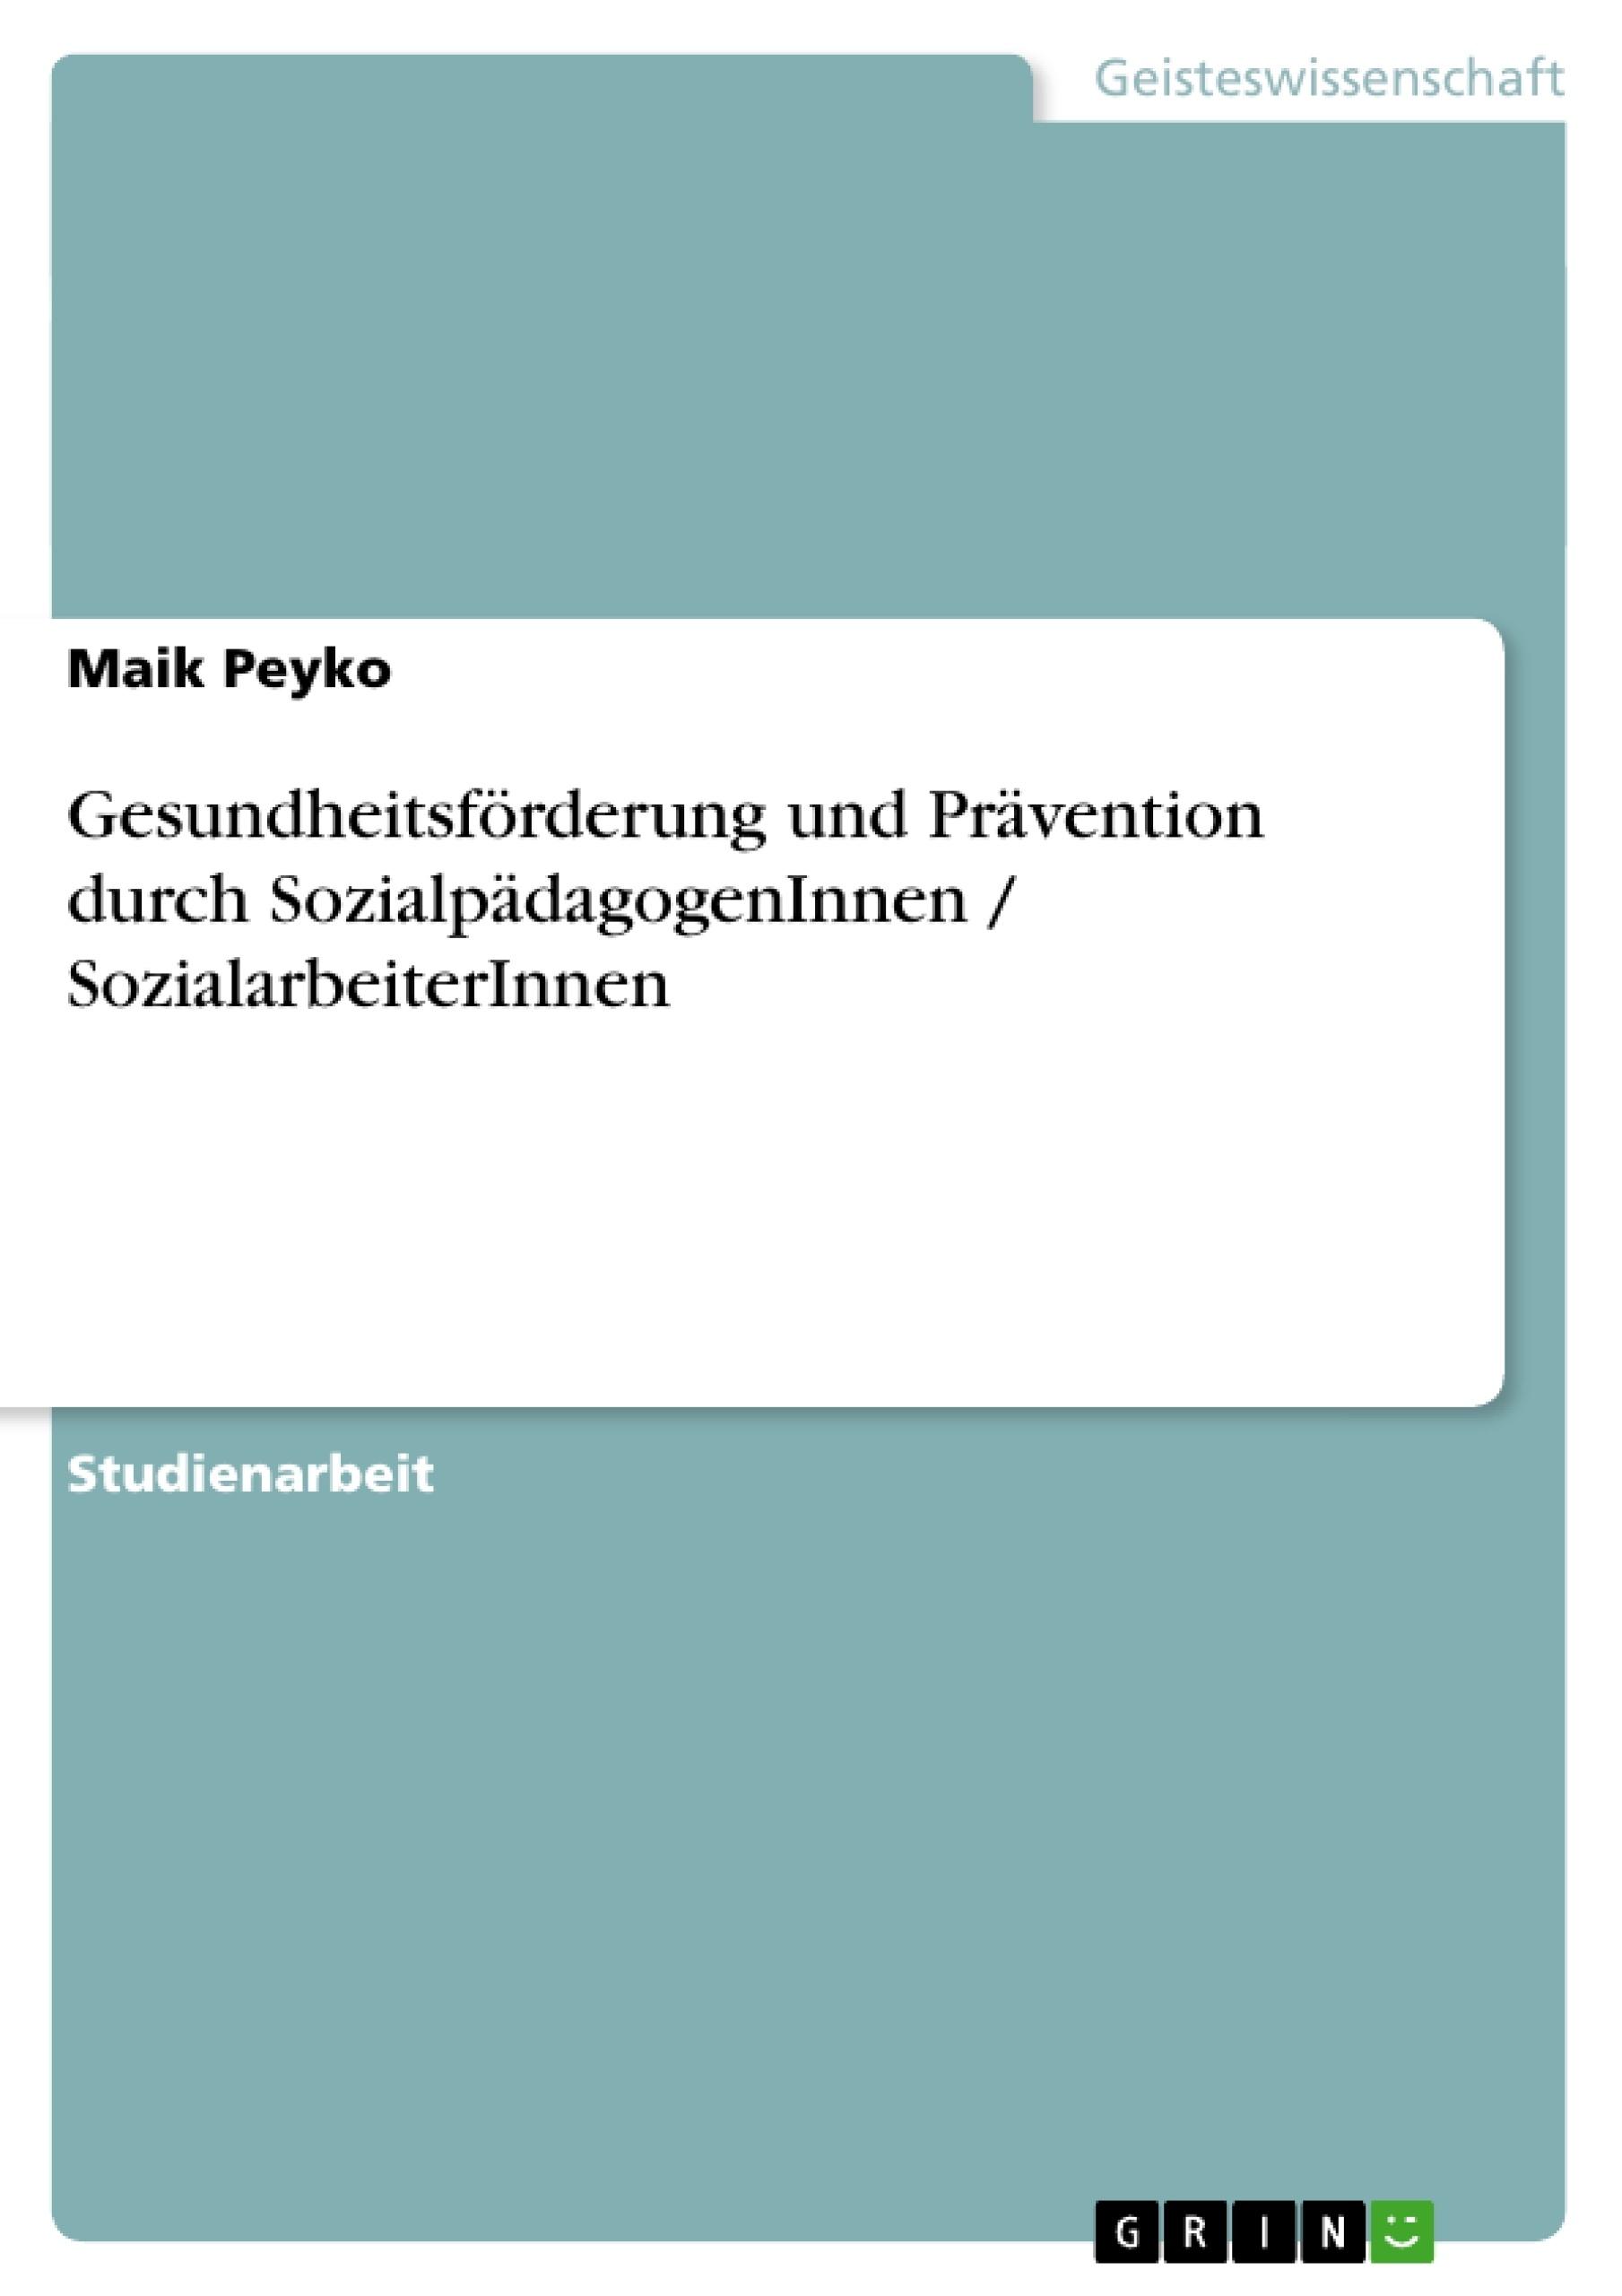 Titel: Gesundheitsförderung und Prävention durch SozialpädagogenInnen / SozialarbeiterInnen